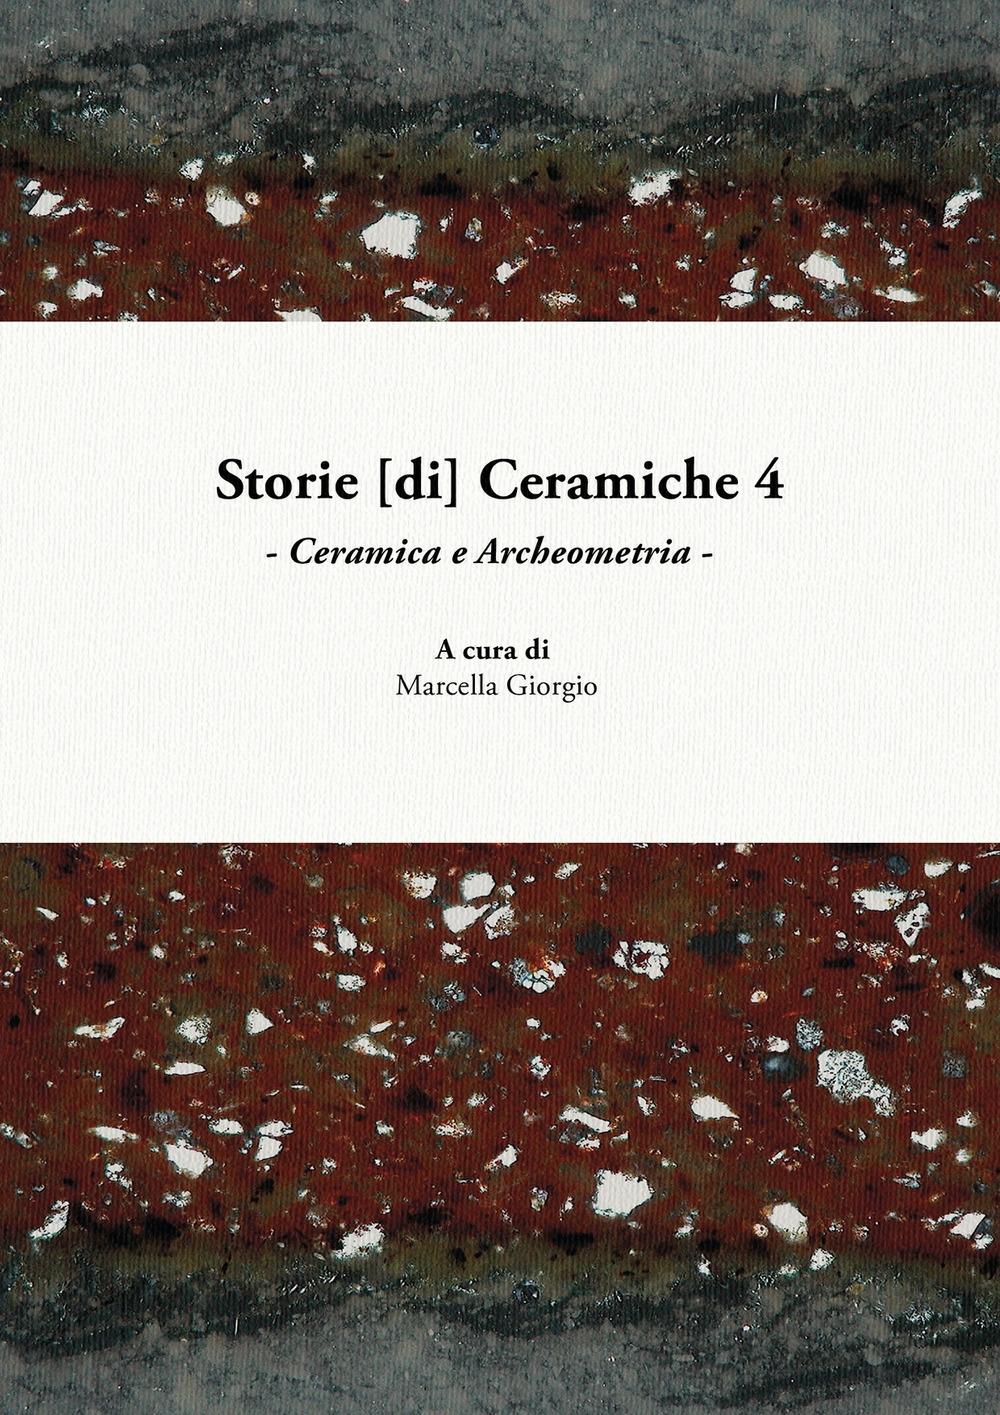 Storie [di] ceramiche. Vol. 4: Ceramica e archeometria. Atti della Giornata di Studi in ricordo di Graziella Berti, a quattro anni dalla scomparsa (Pisa, 10 giugno 2017)